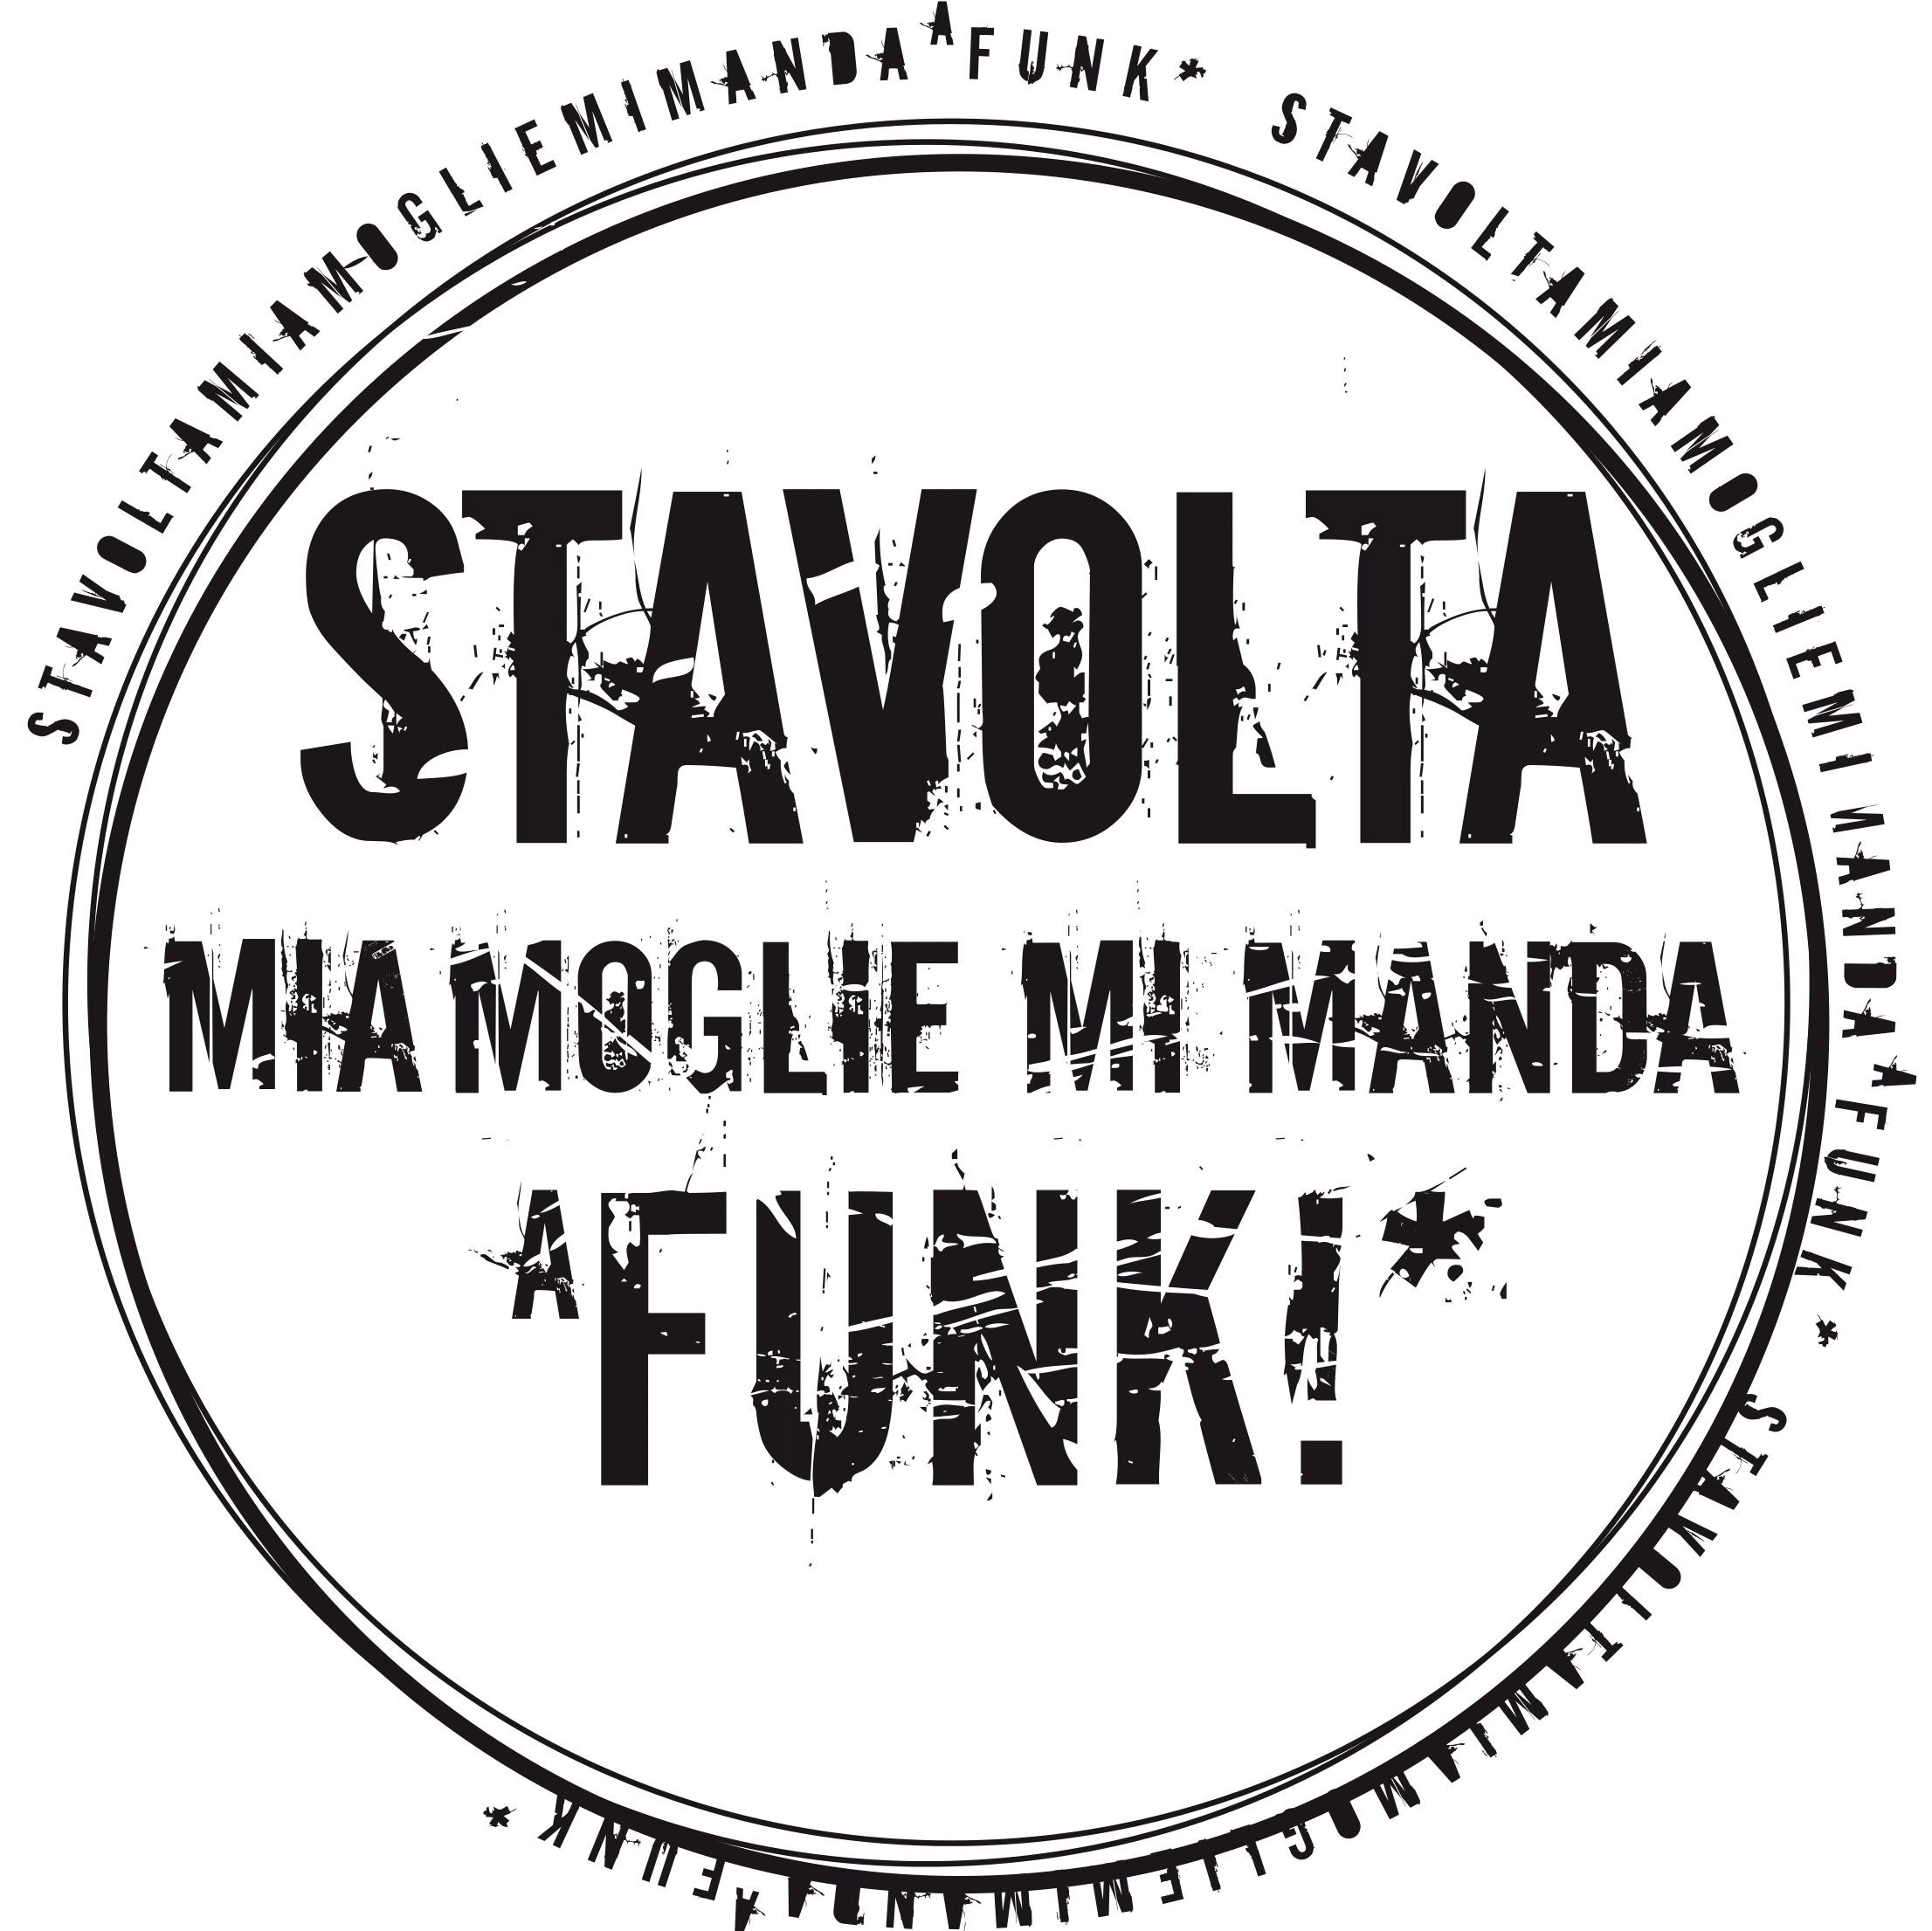 Stavolta Mia Moglie mi Manda a Funk!*